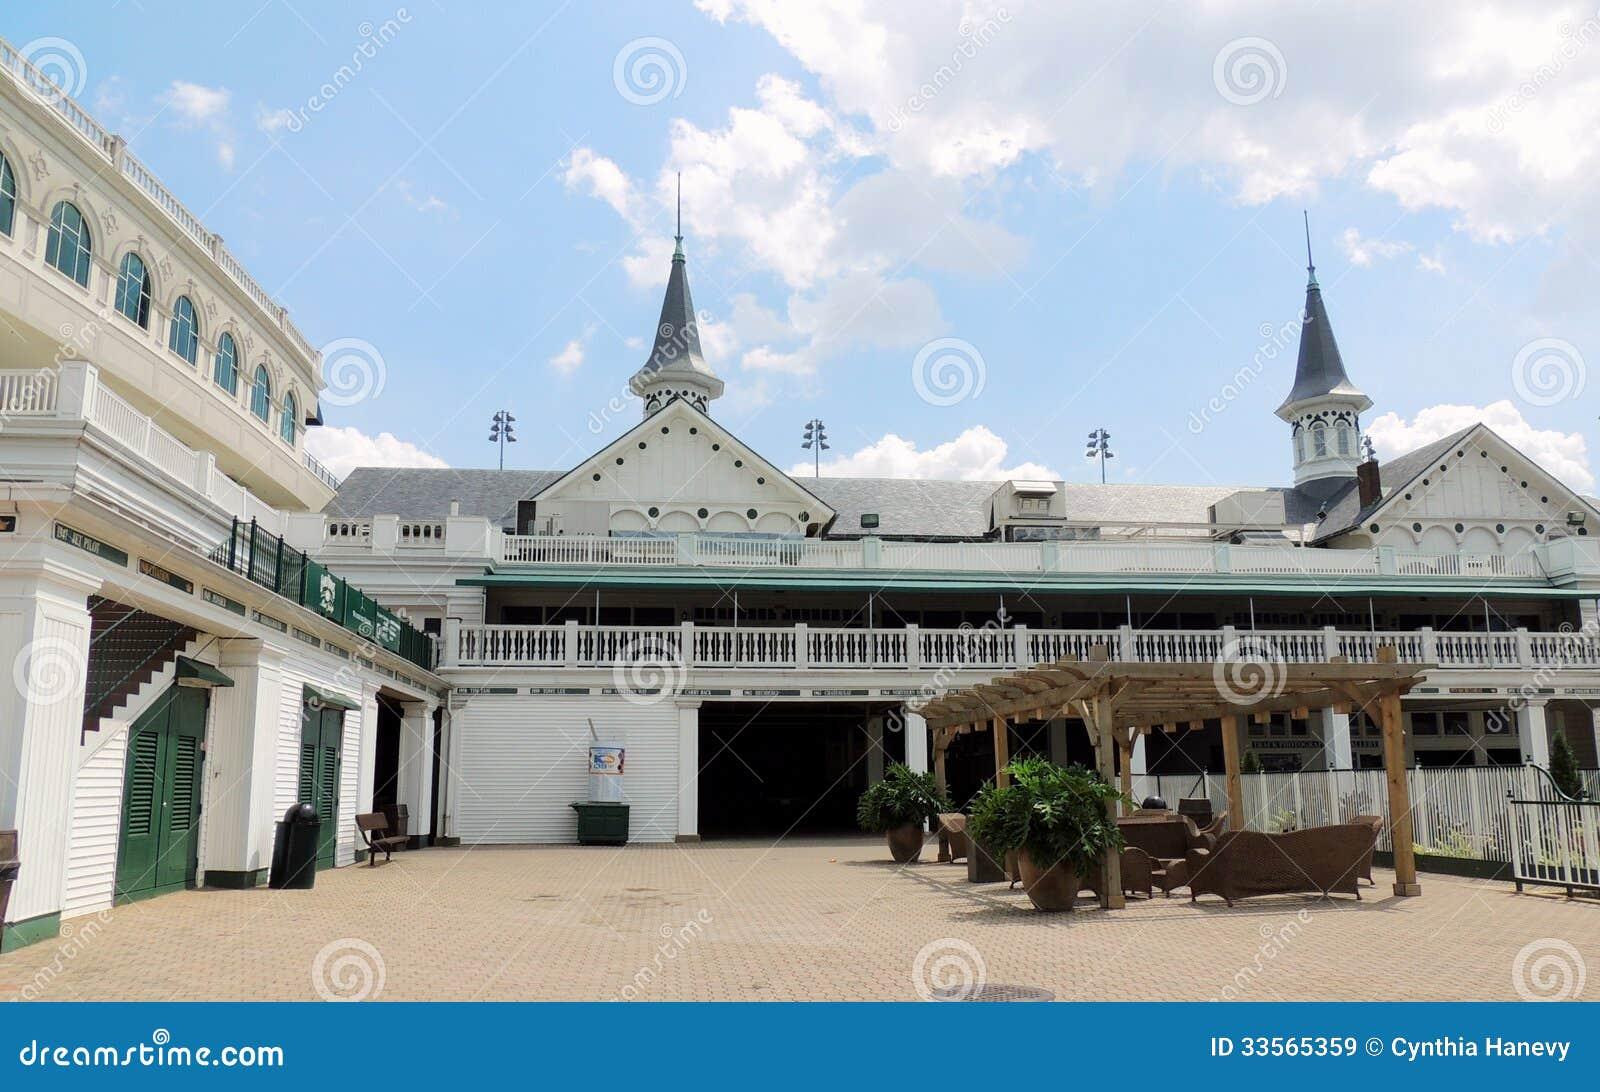 丘吉尔Downs :双尖顶和庭院